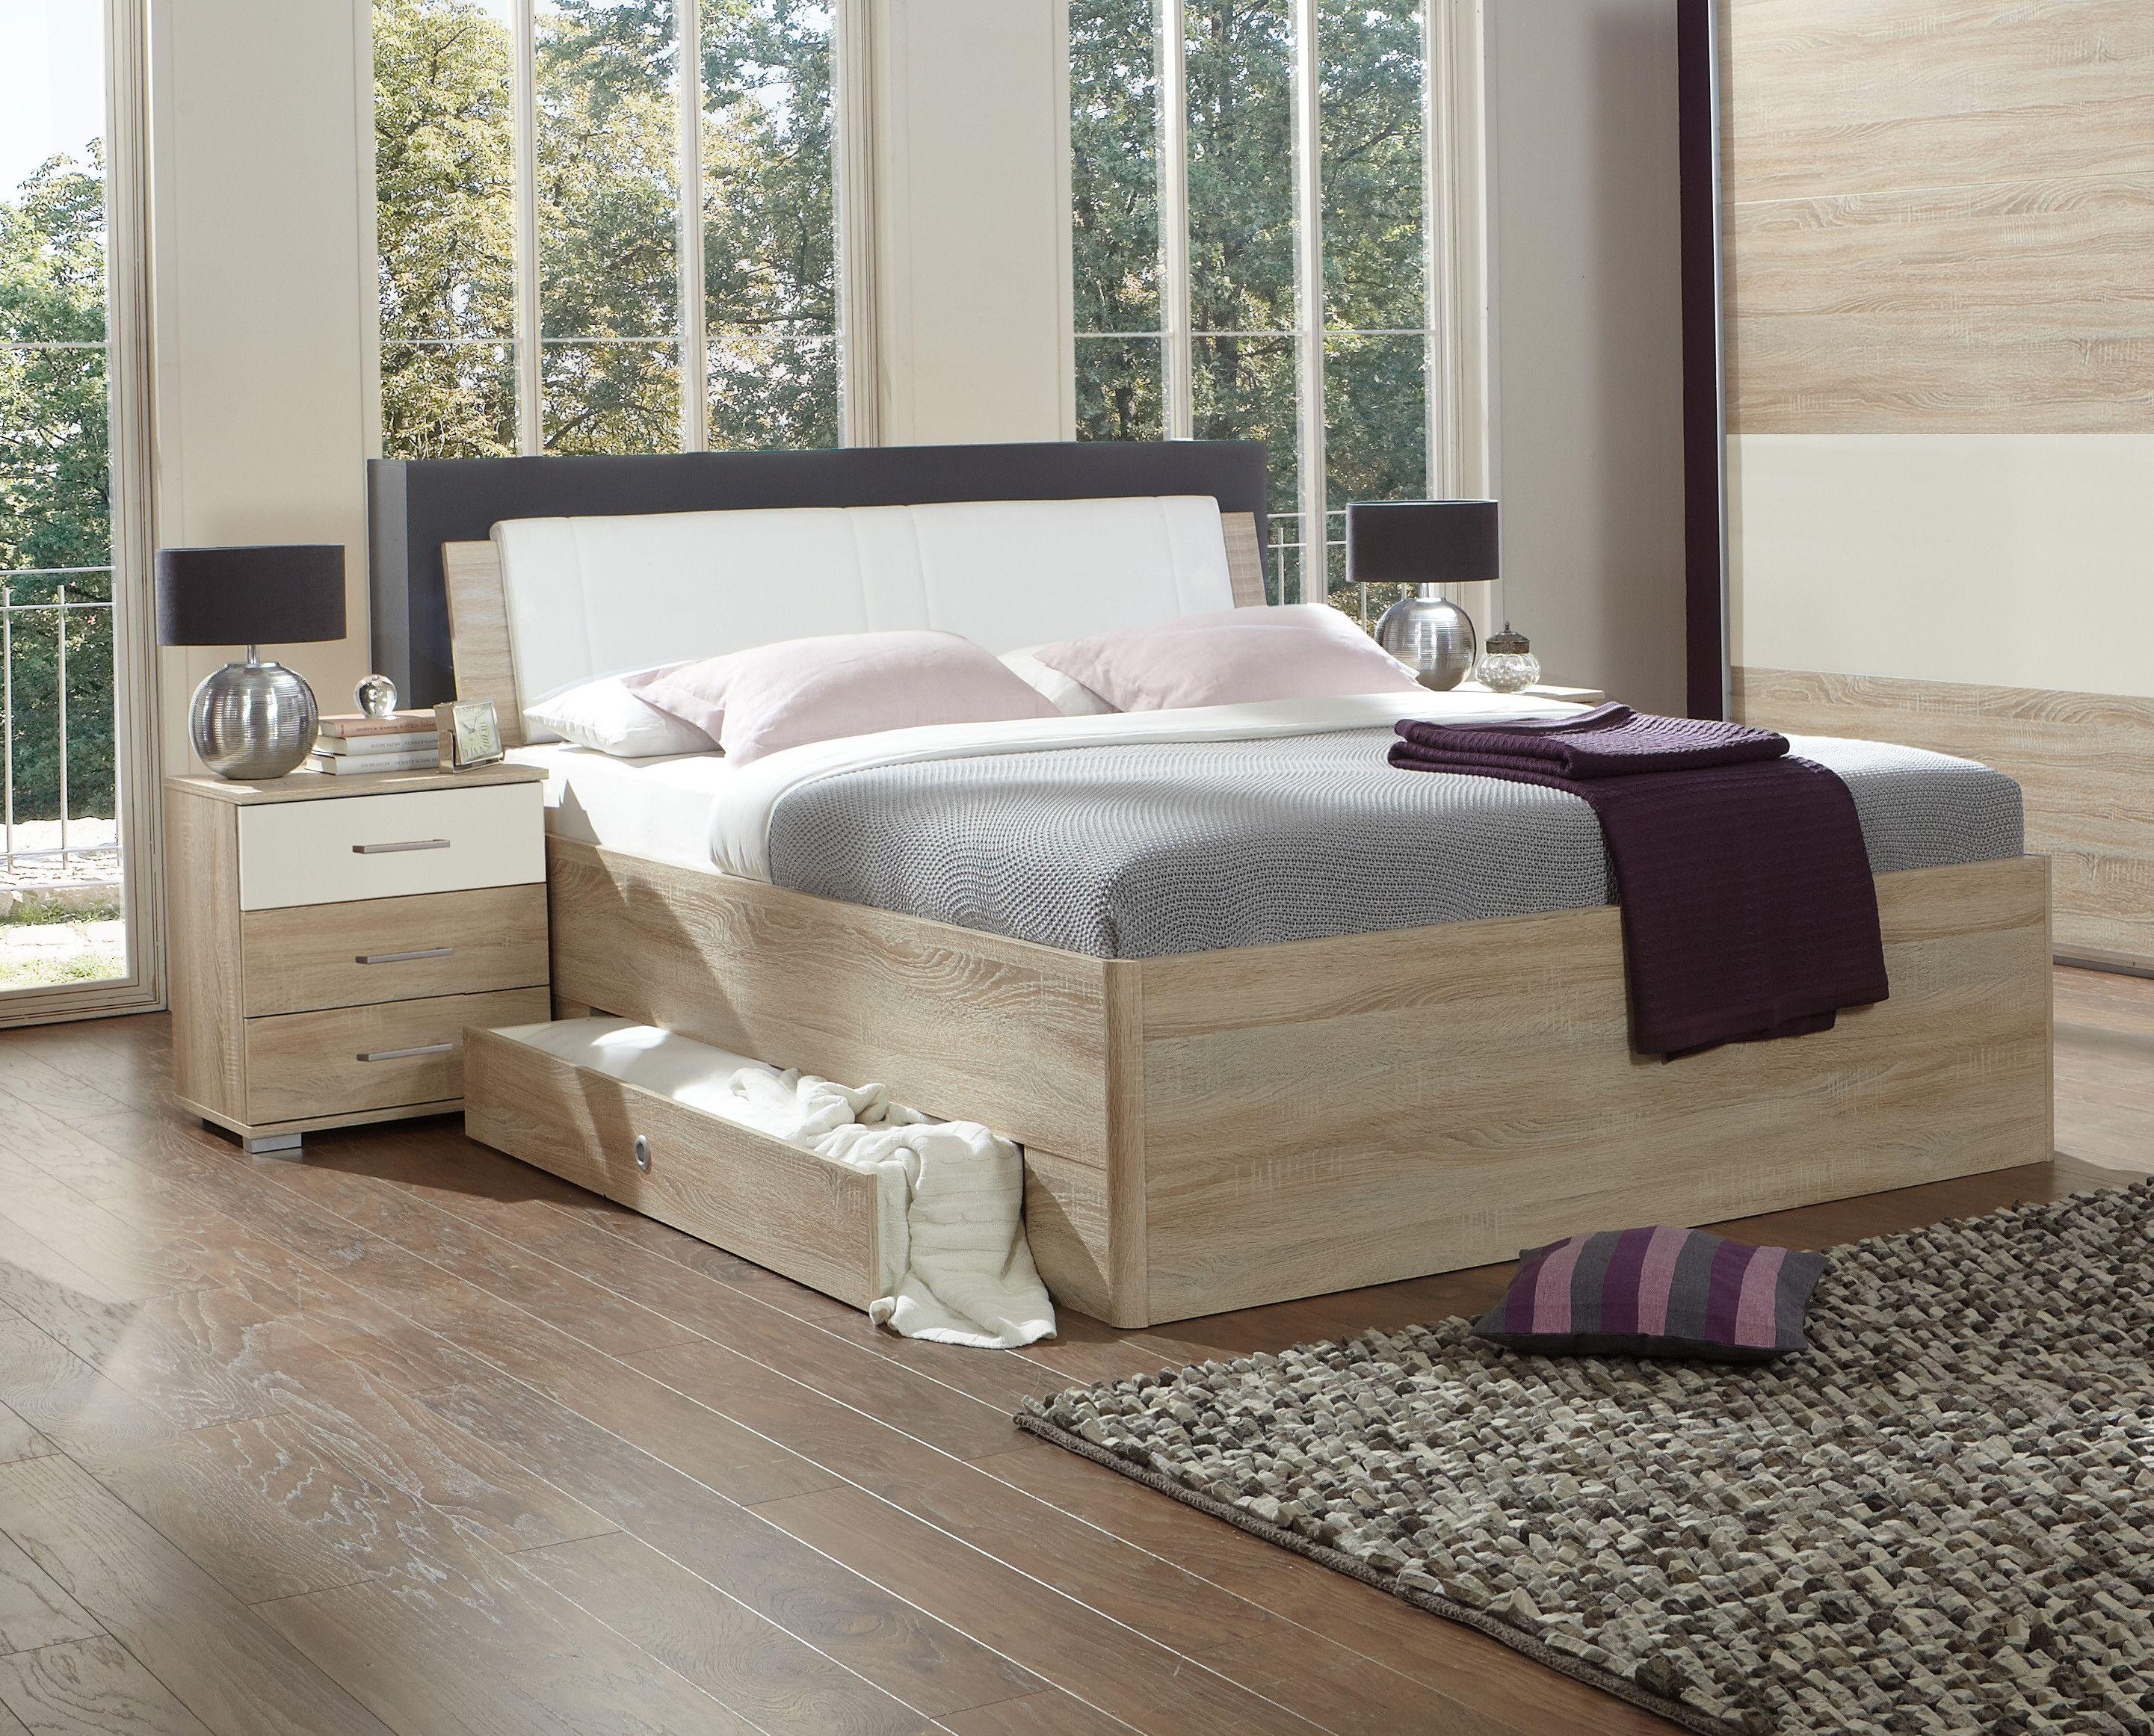 Bett 180 X 200 Cm Mit Nako Set Eiche Sägerau/ Weiss Woody 132 01416 Holz  Modern Jetzt Bestellen Unter: ...